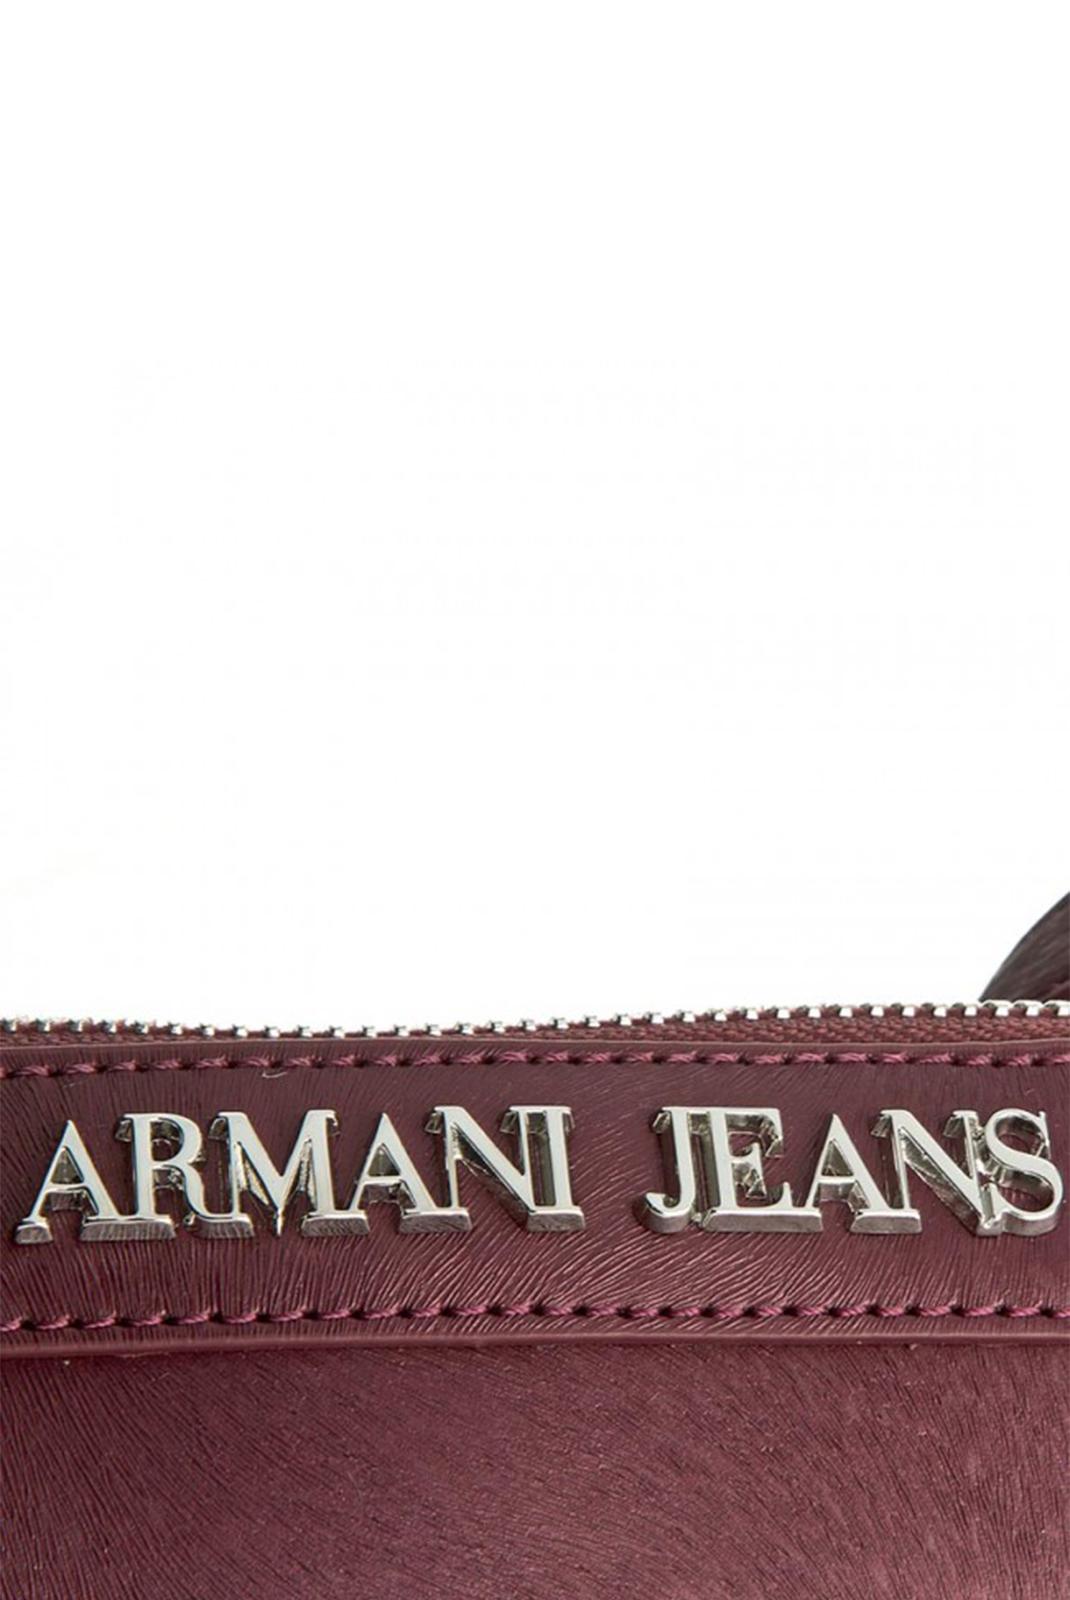 Besaces / Sacs bandoulière  Armani jeans 922104 6A728 00176 BORDEAUX